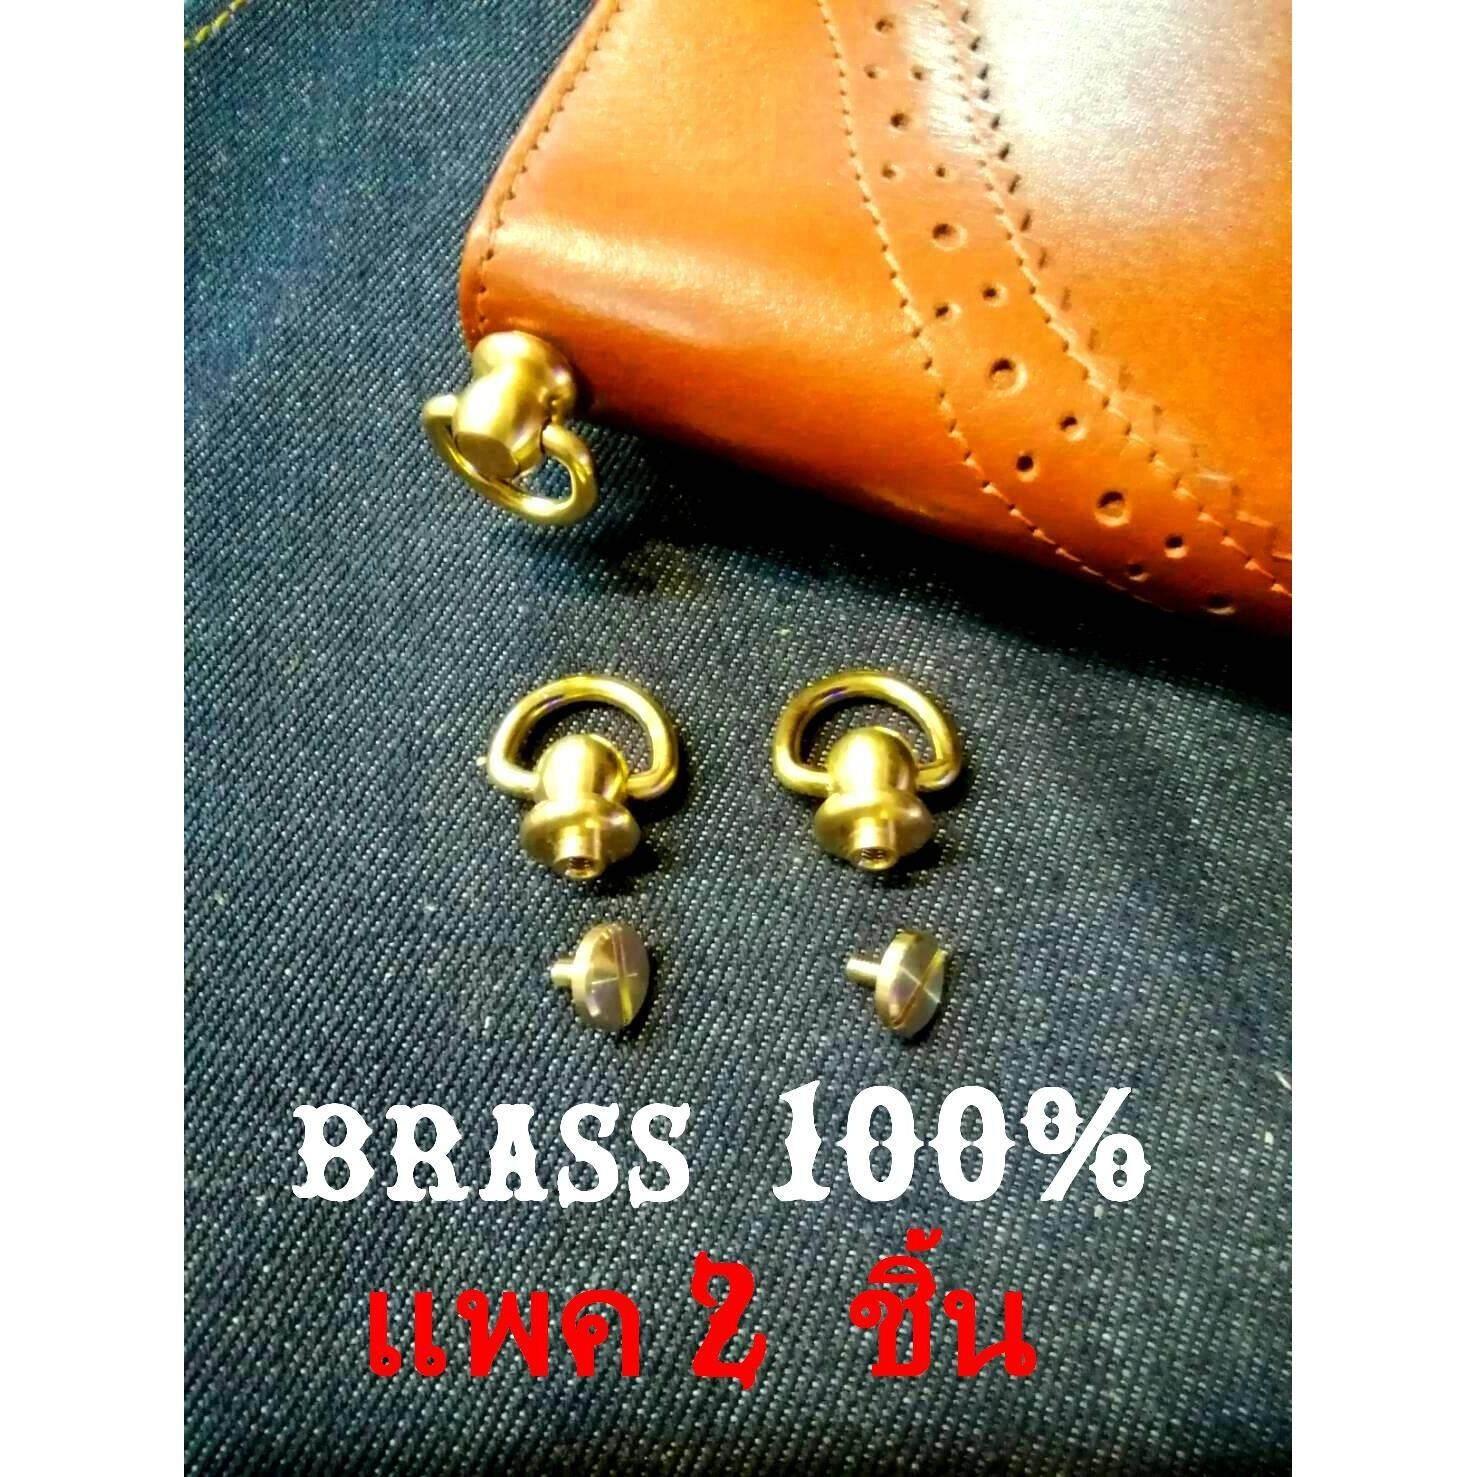 ราคา Barel Jpn หมุด กระเป๋า ห้อยโซ่ ห้อยสาย ทองเหลืองแท้ แพ็ค 2 ชิ้น Brc Acc01 X2 ที่สุด